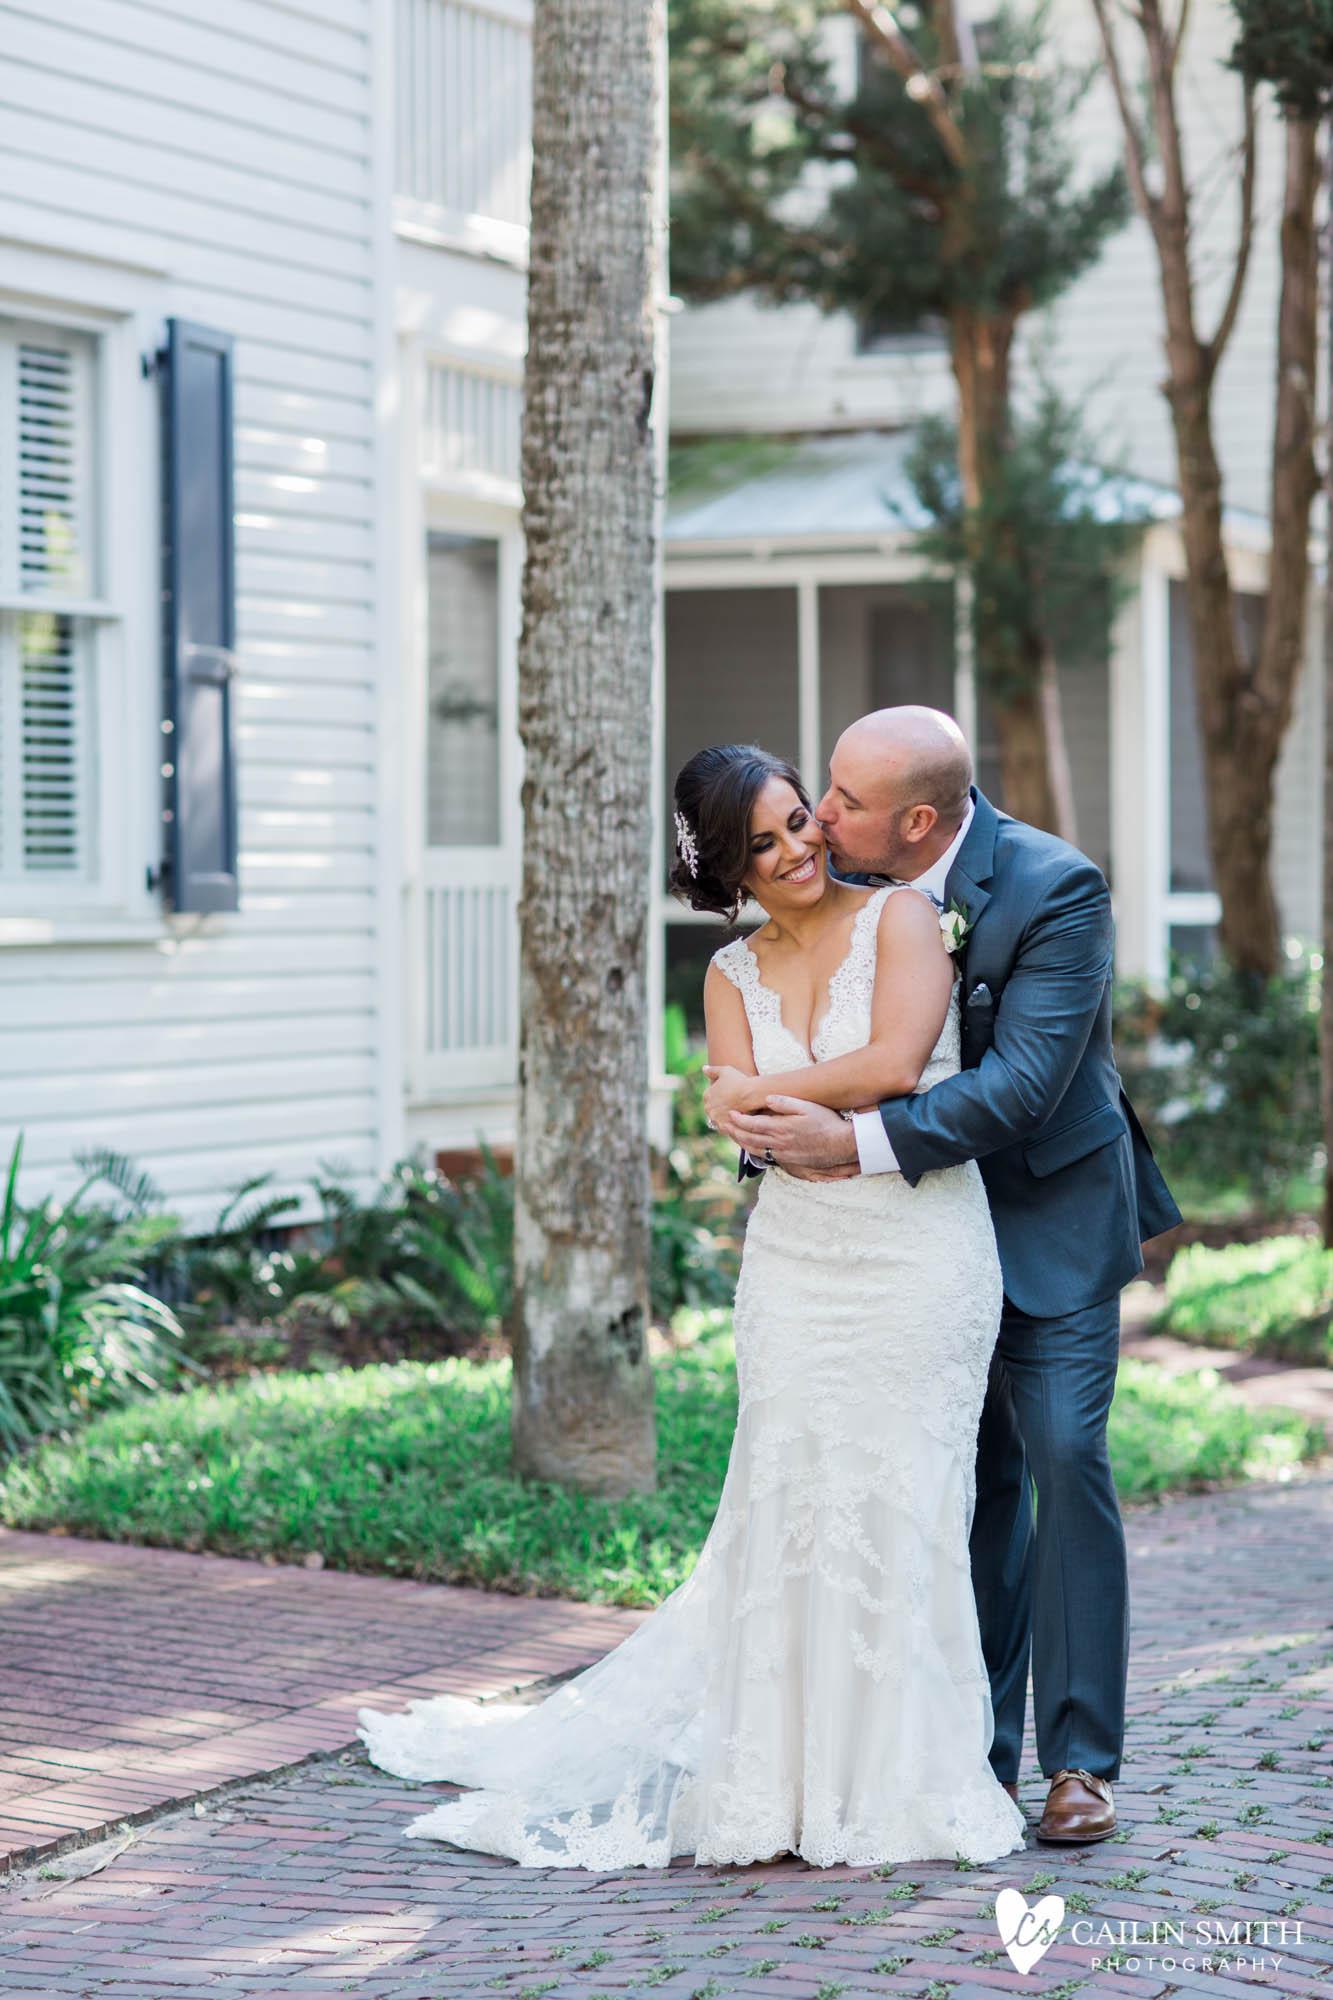 Kaitlyn_John_White_Room_St_Augustine_Wedding_028.jpg